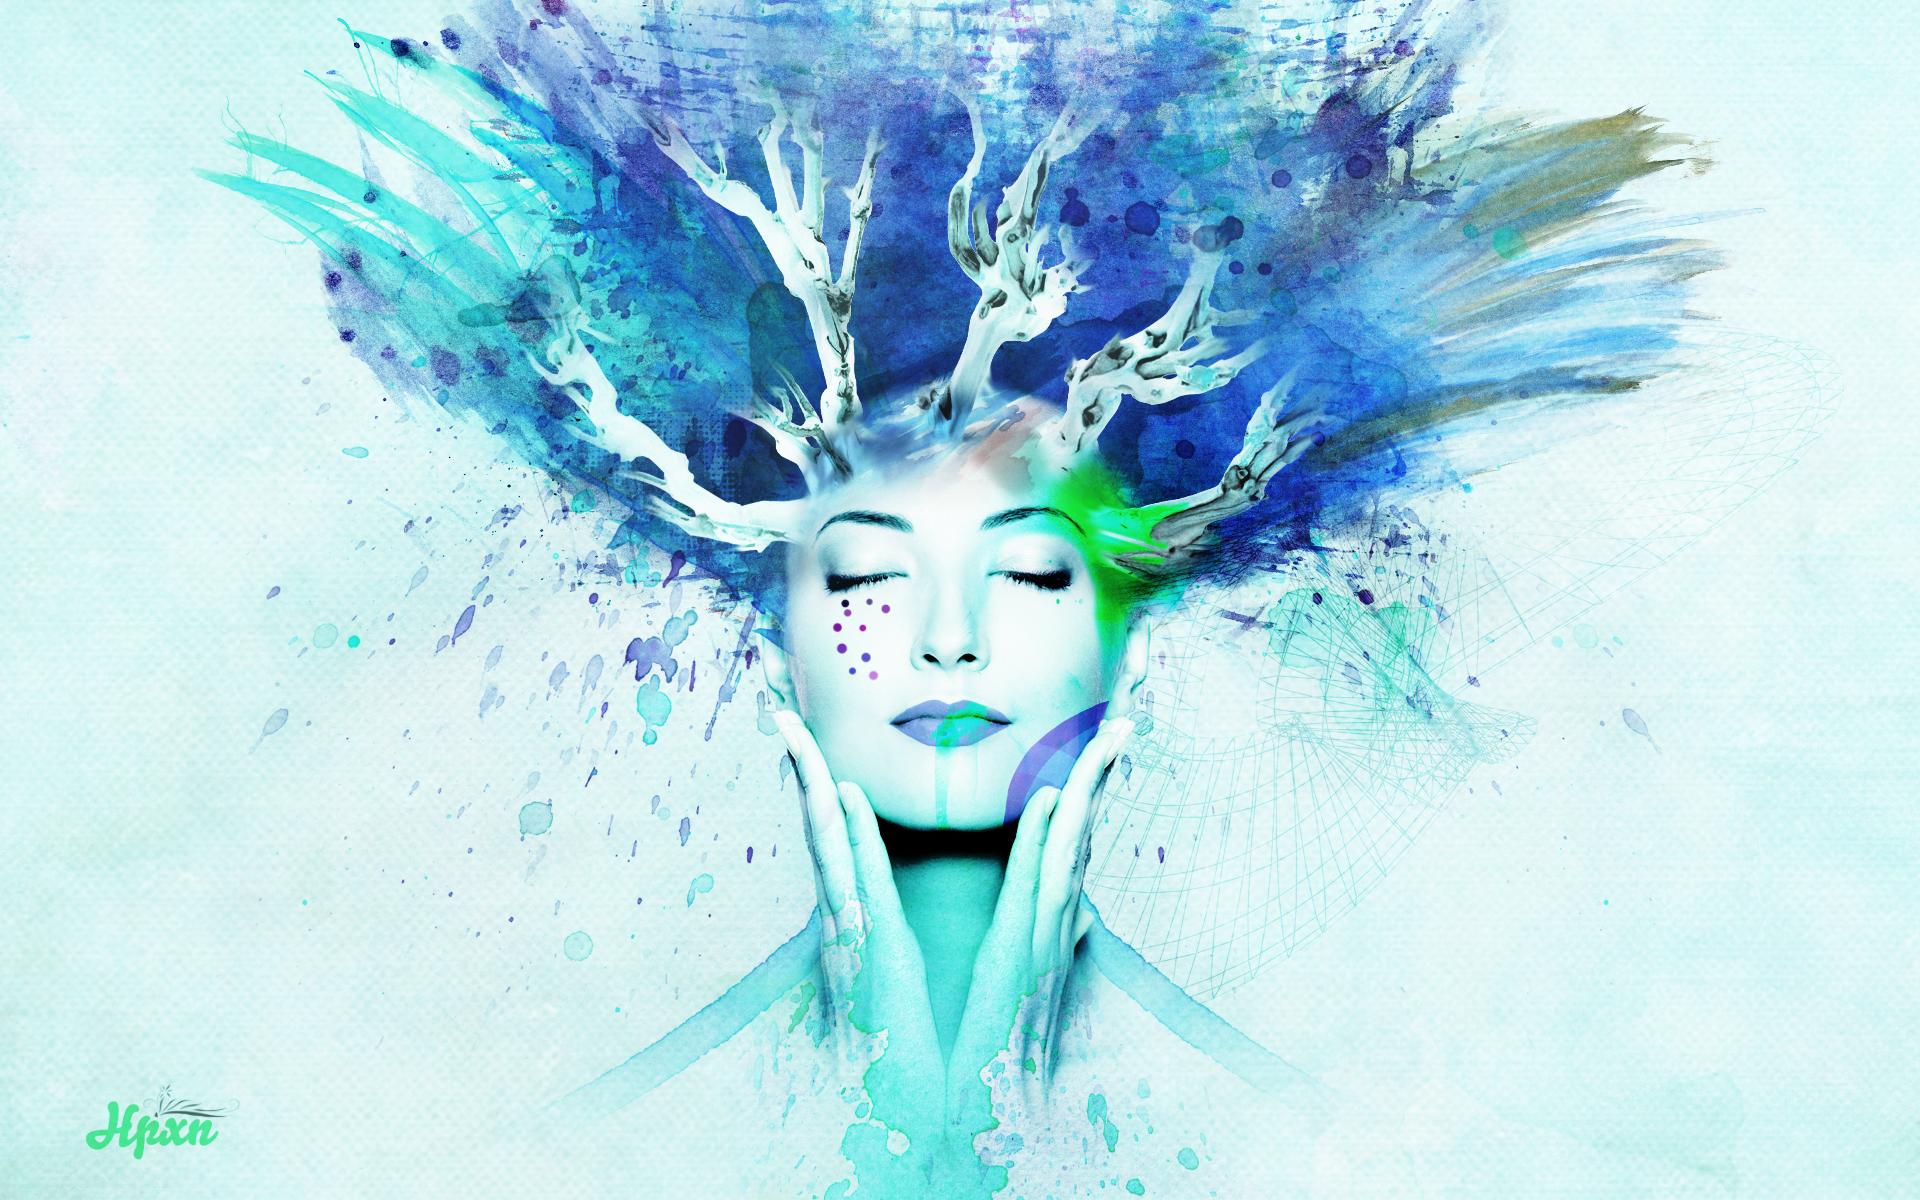 Brain blossom by Hpxn on DeviantArt